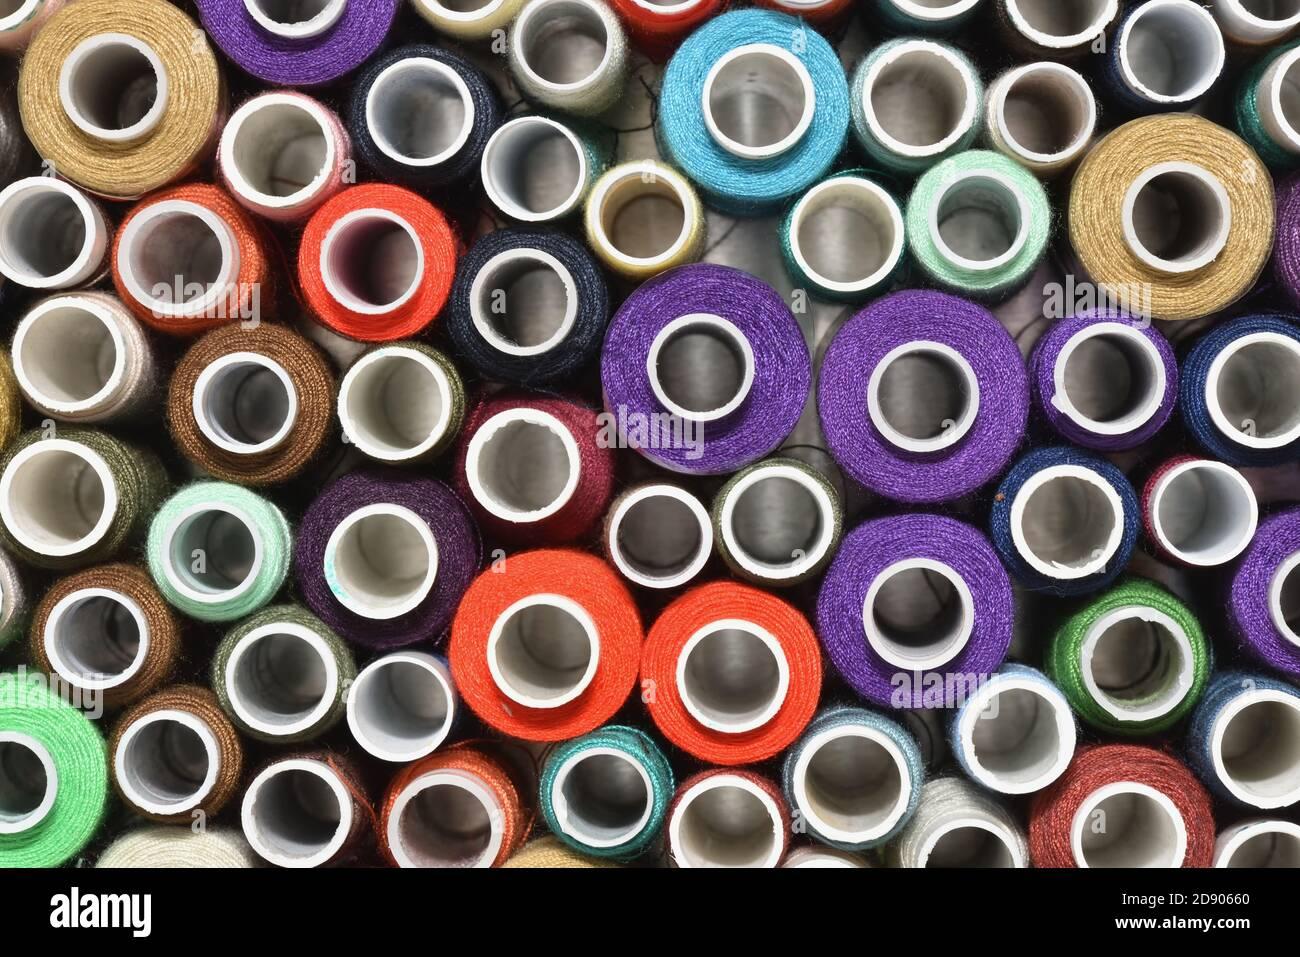 Hilo de costura multicolor en la vista superior de los carretes Foto de stock